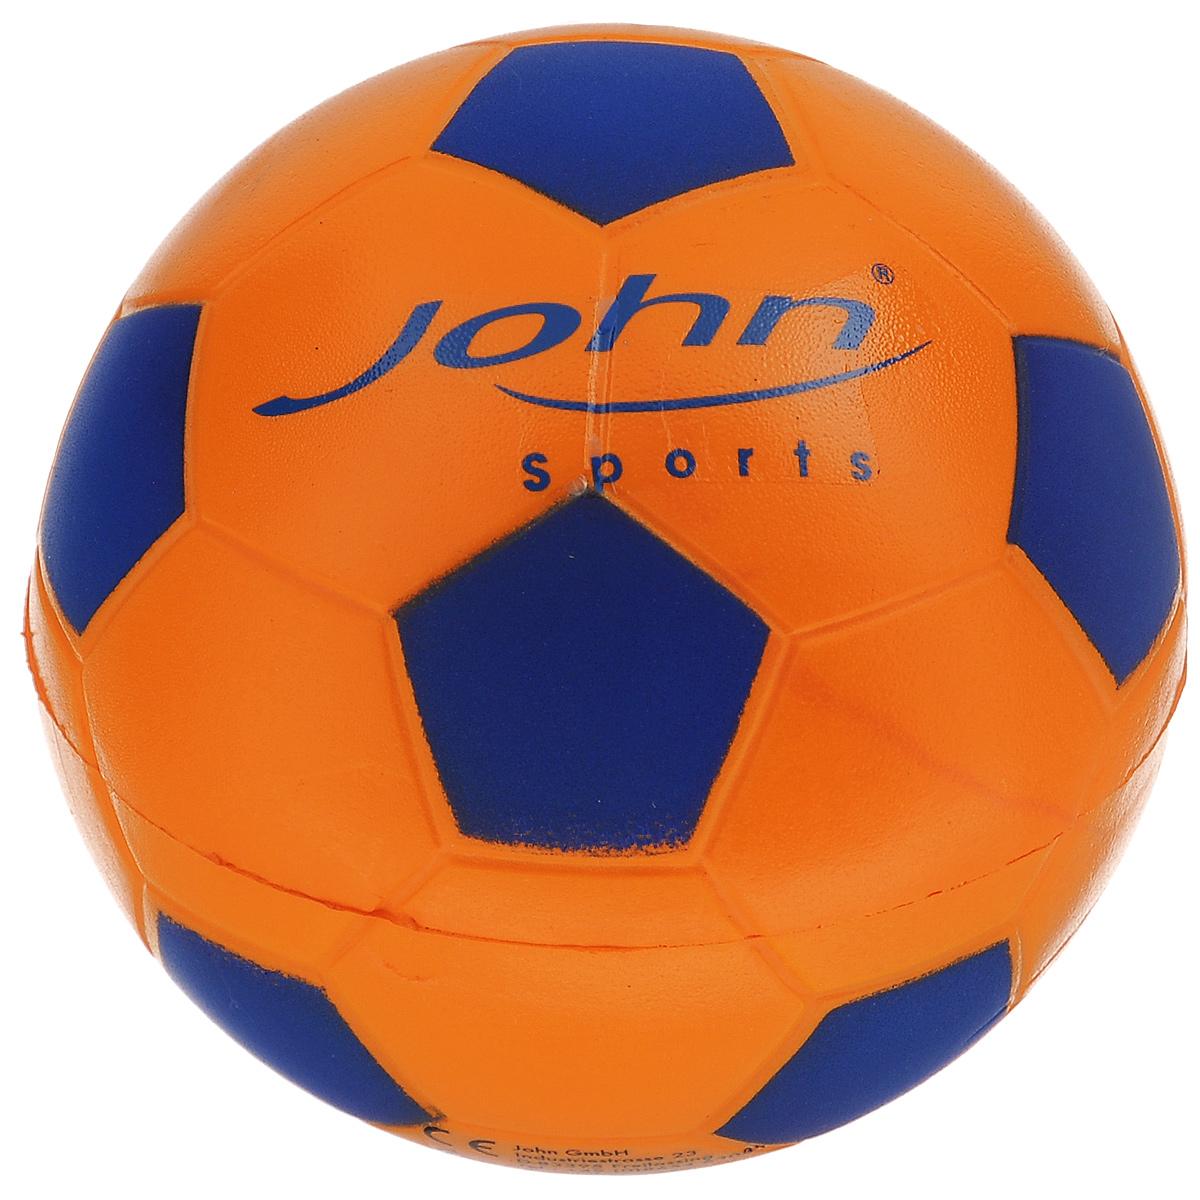 Мяч John Спорт, цвет: оранжевый, синий, 10 см56630_оранжевый-синийМяч John Спорт прекрасно подойдет для игр на свежем воздухе и в зале. Изготовлен из мягкого полиуретана, обладает отличными игровыми качествами. Спортивные игры развивают ловкость, силу, глазомер и быстроту реакции. Порадуйте своего непоседу таким замечательным подарком!